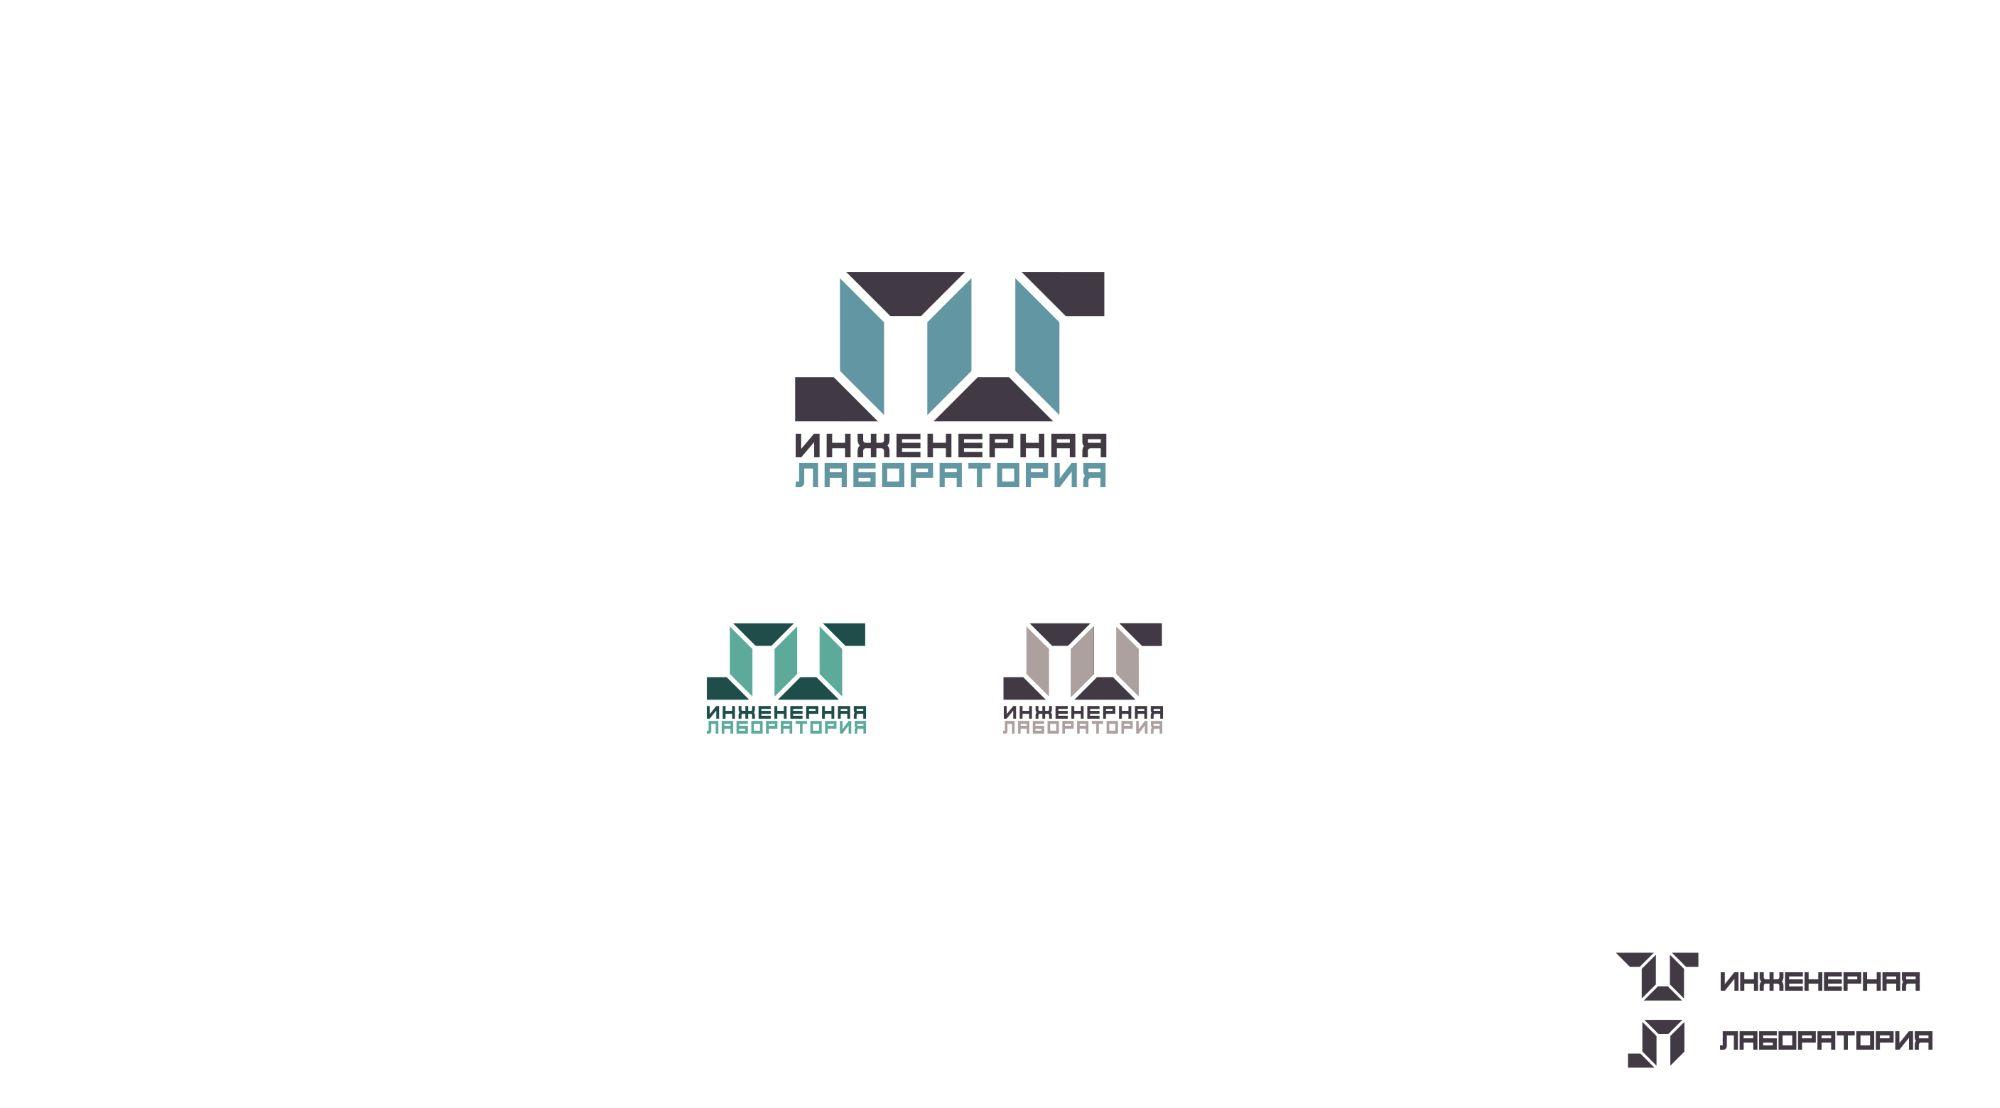 Лого и фирменный стиль для Инженерная лаборатория  - дизайнер wonoidar